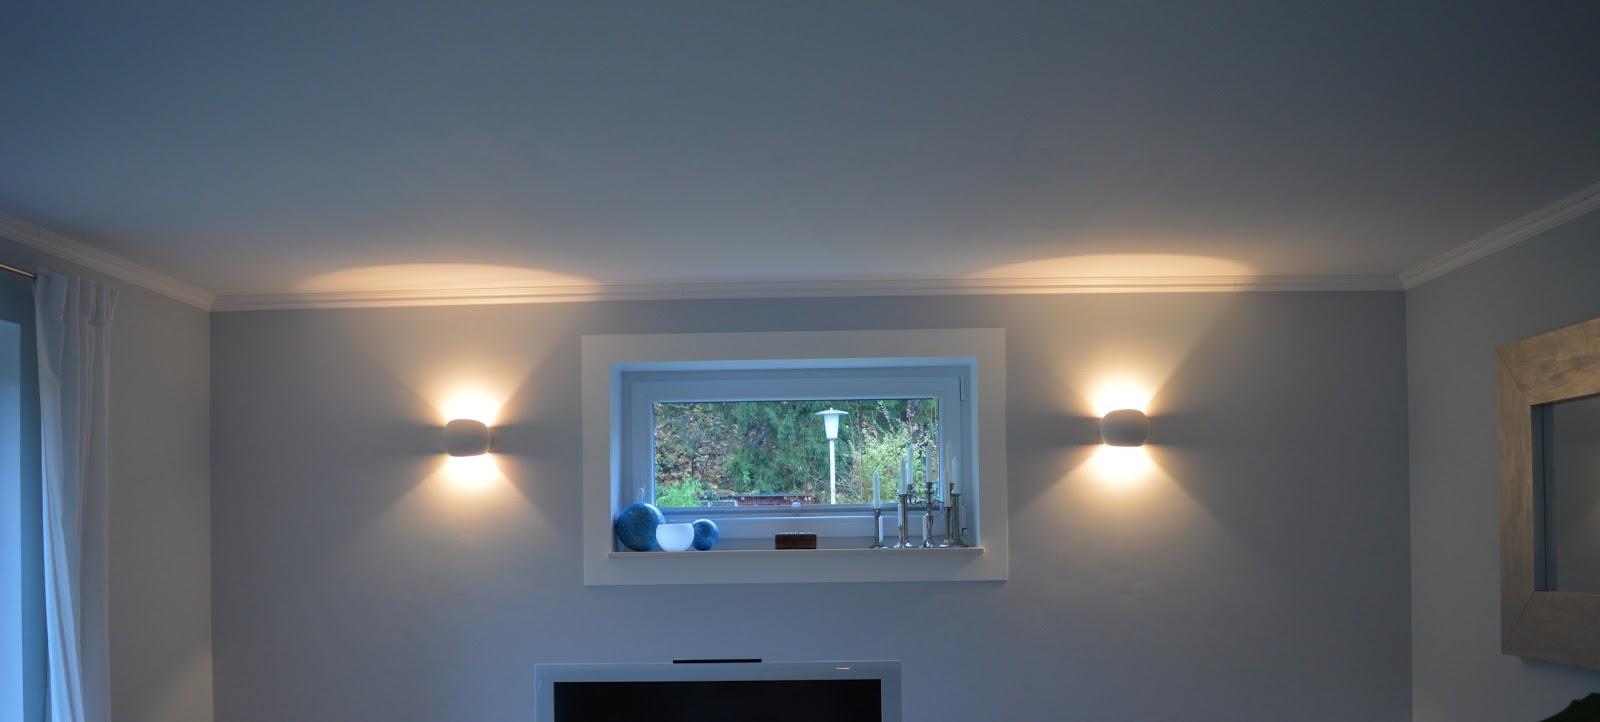 heim elich wohnzimmer wandlampen update. Black Bedroom Furniture Sets. Home Design Ideas